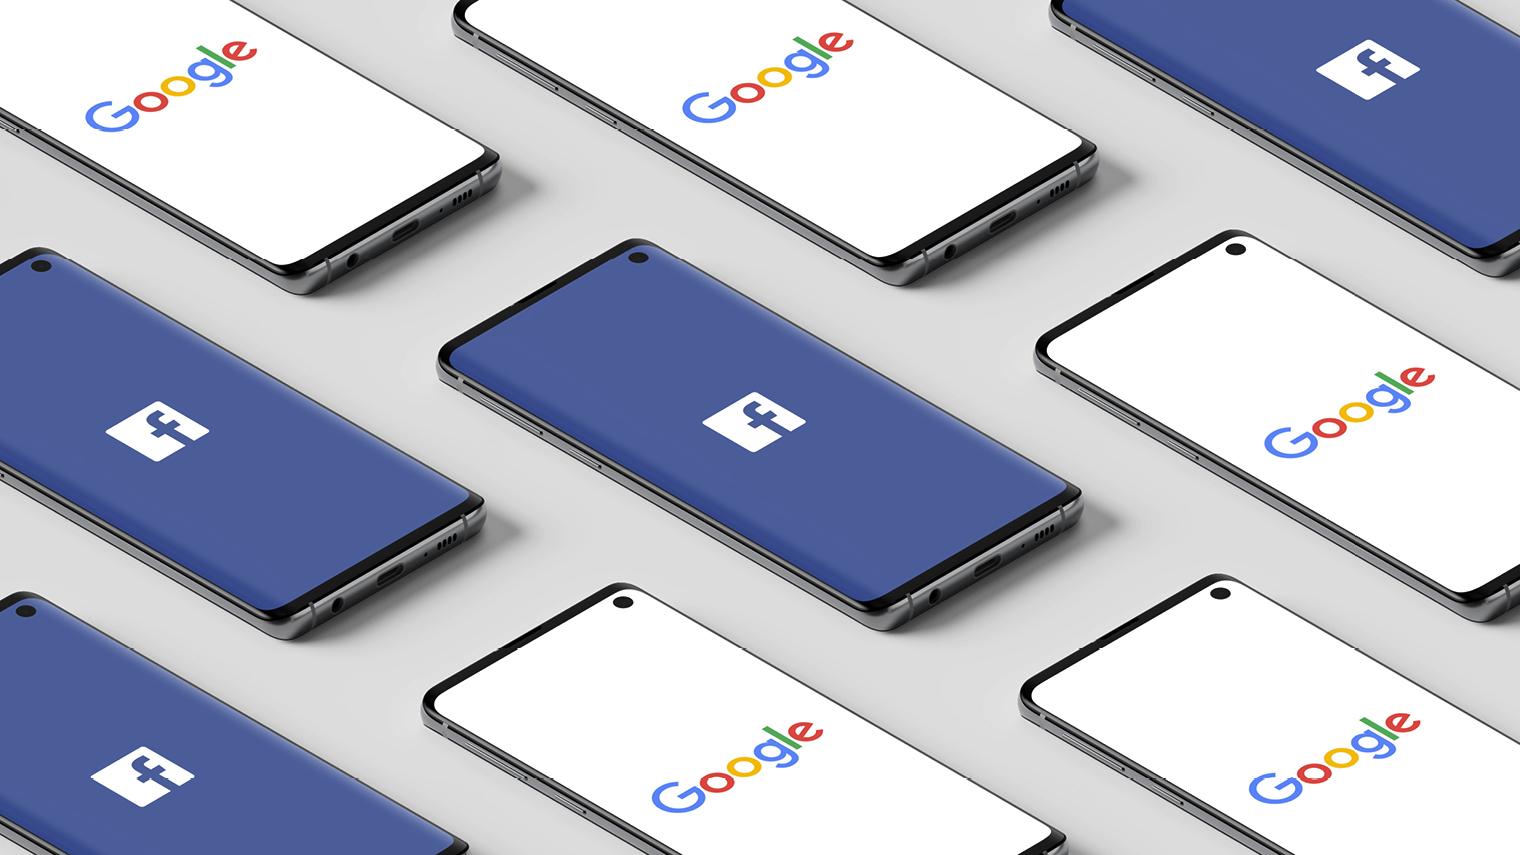 Il problabile accordo che Facebook e Google hanno concluso per ridurre la concorrenza pubblicitaria